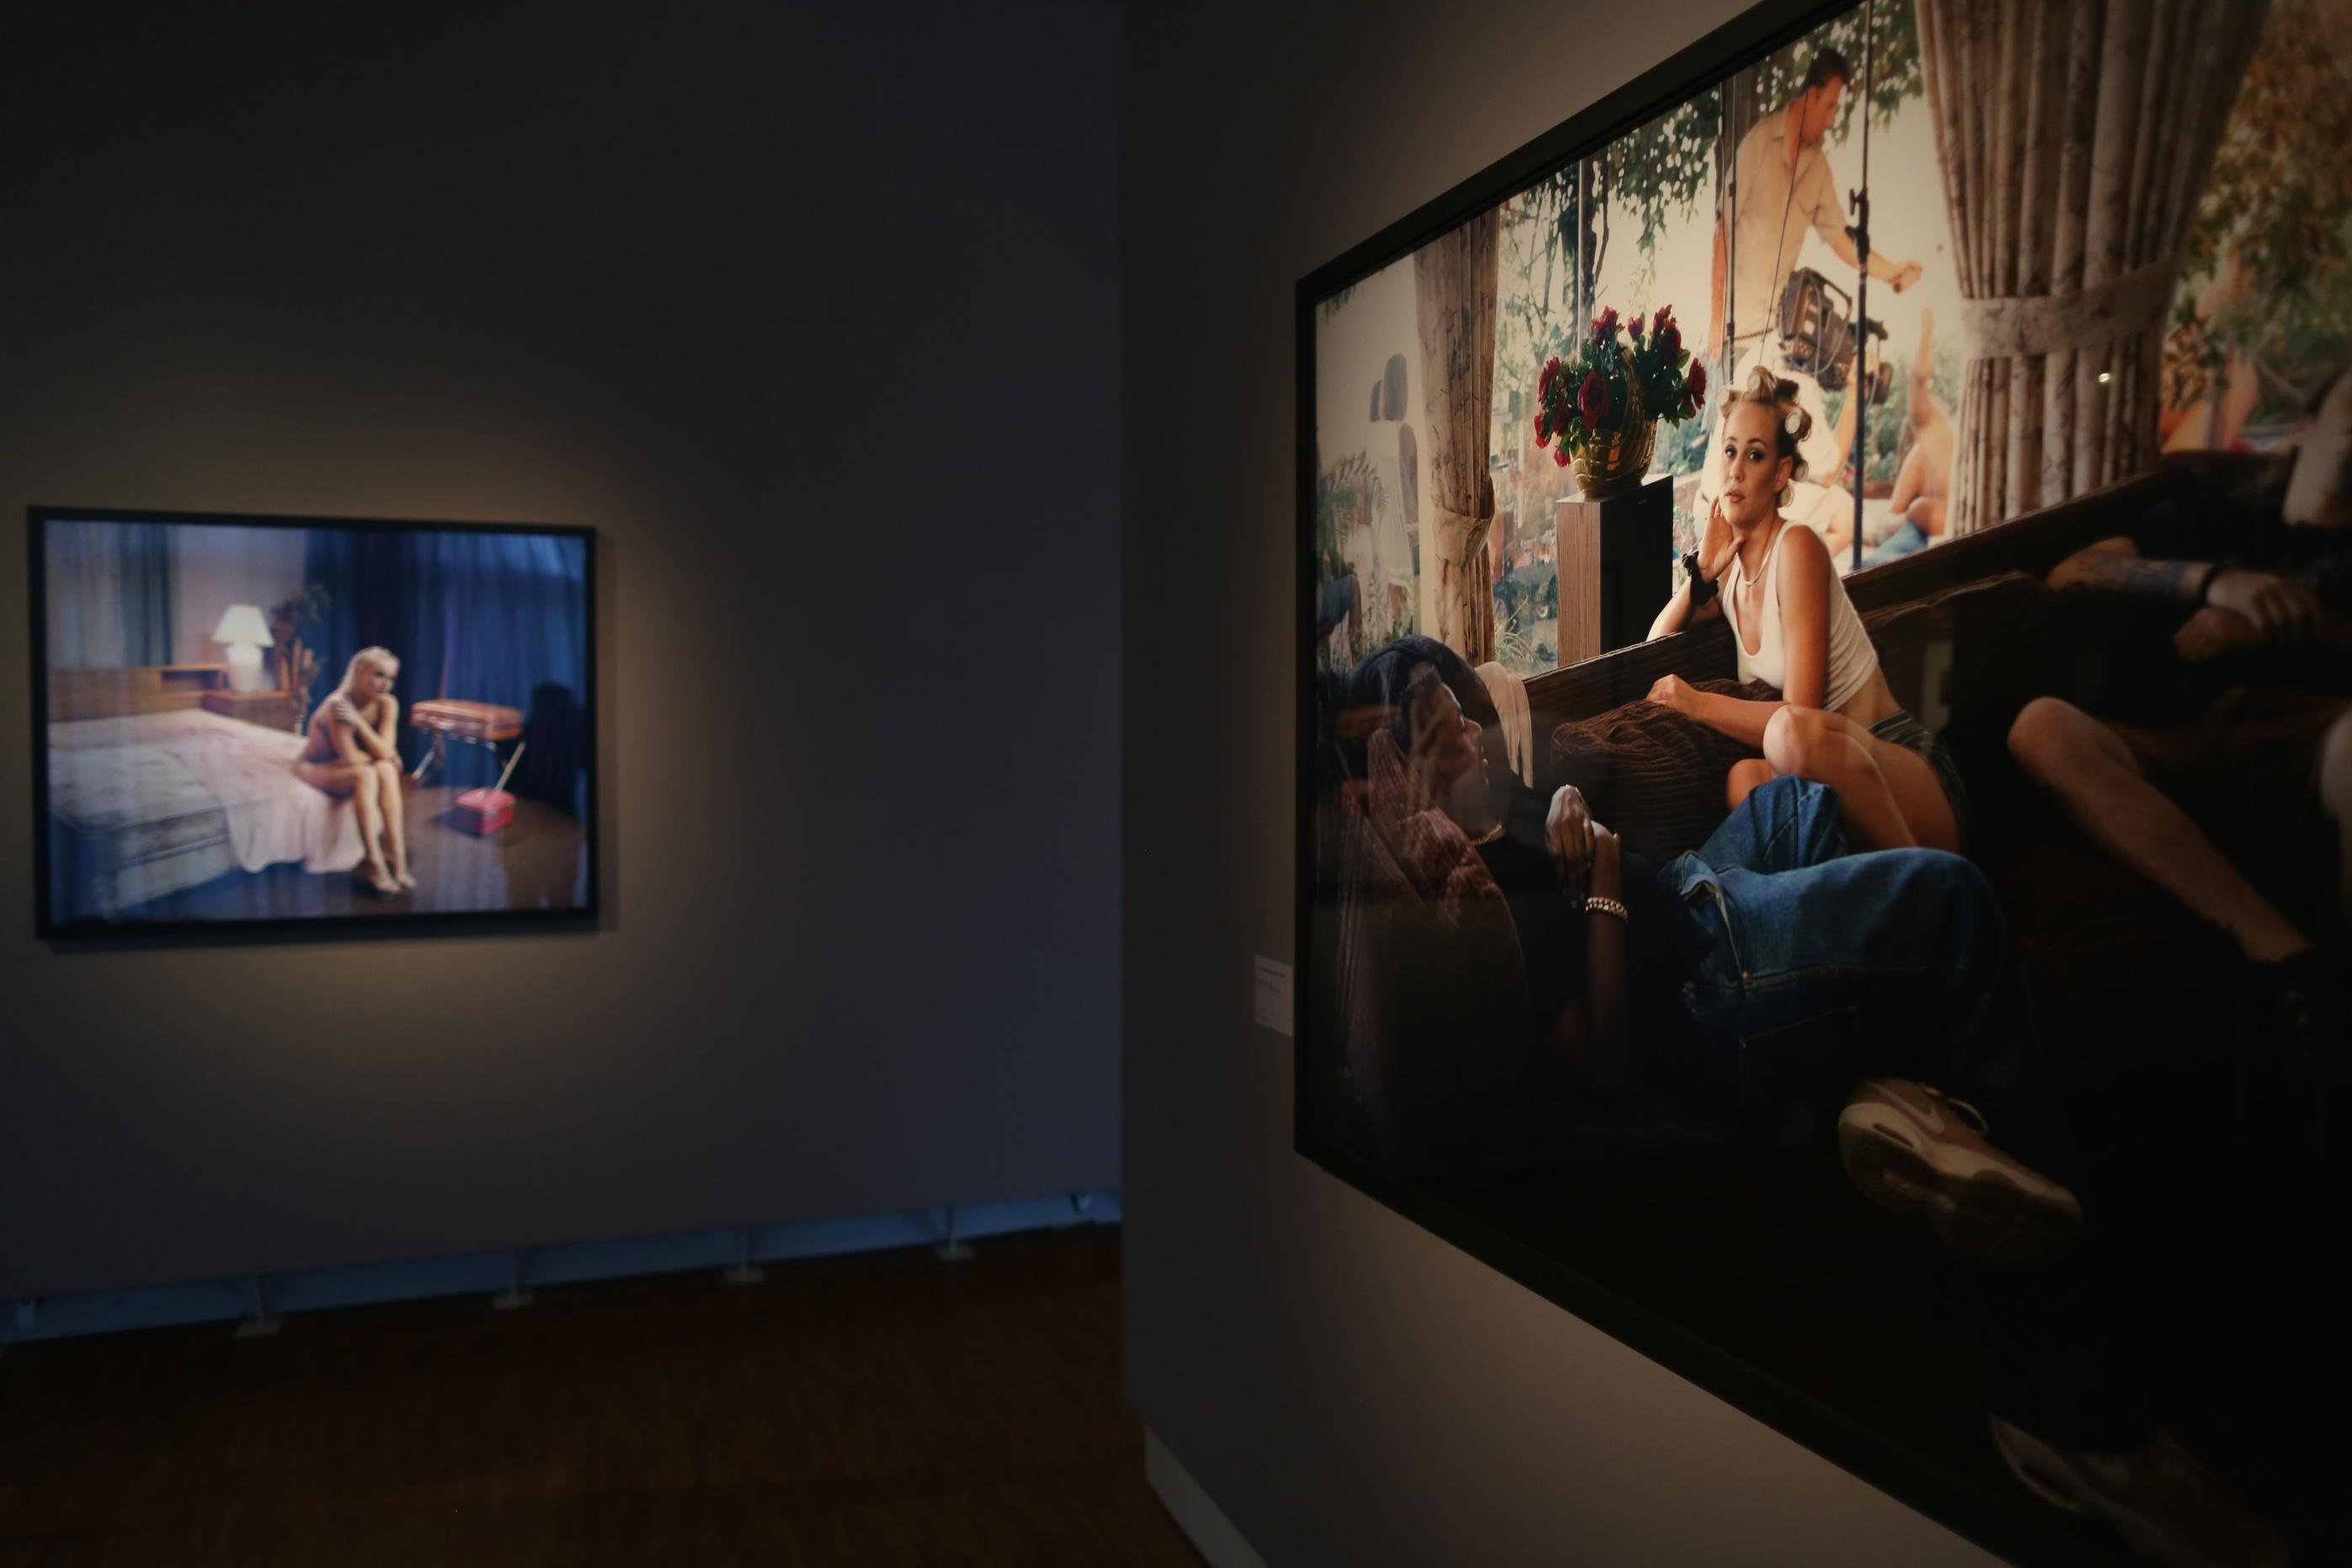 FOTOMUSEUM DEN HAAG & GEMEENTEMUSEUM ©Pulp Collectors 043